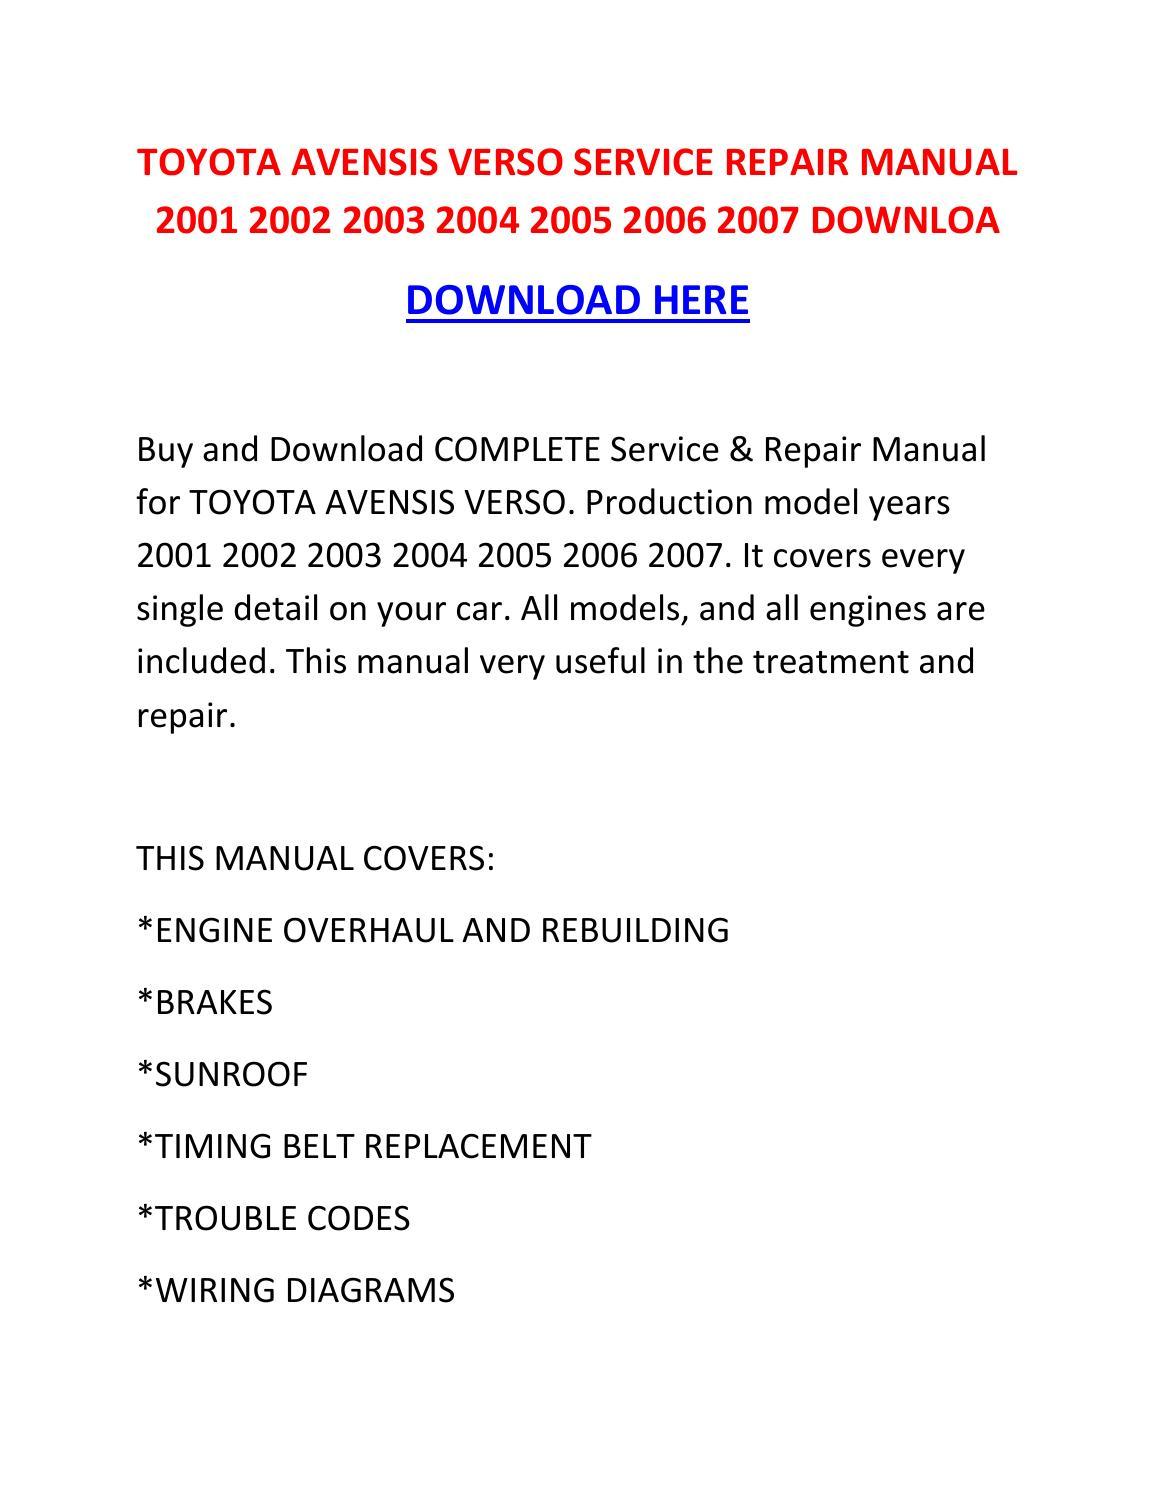 Toyota Avensis Verso Service Repair Manual 2001 2002 2003 border=